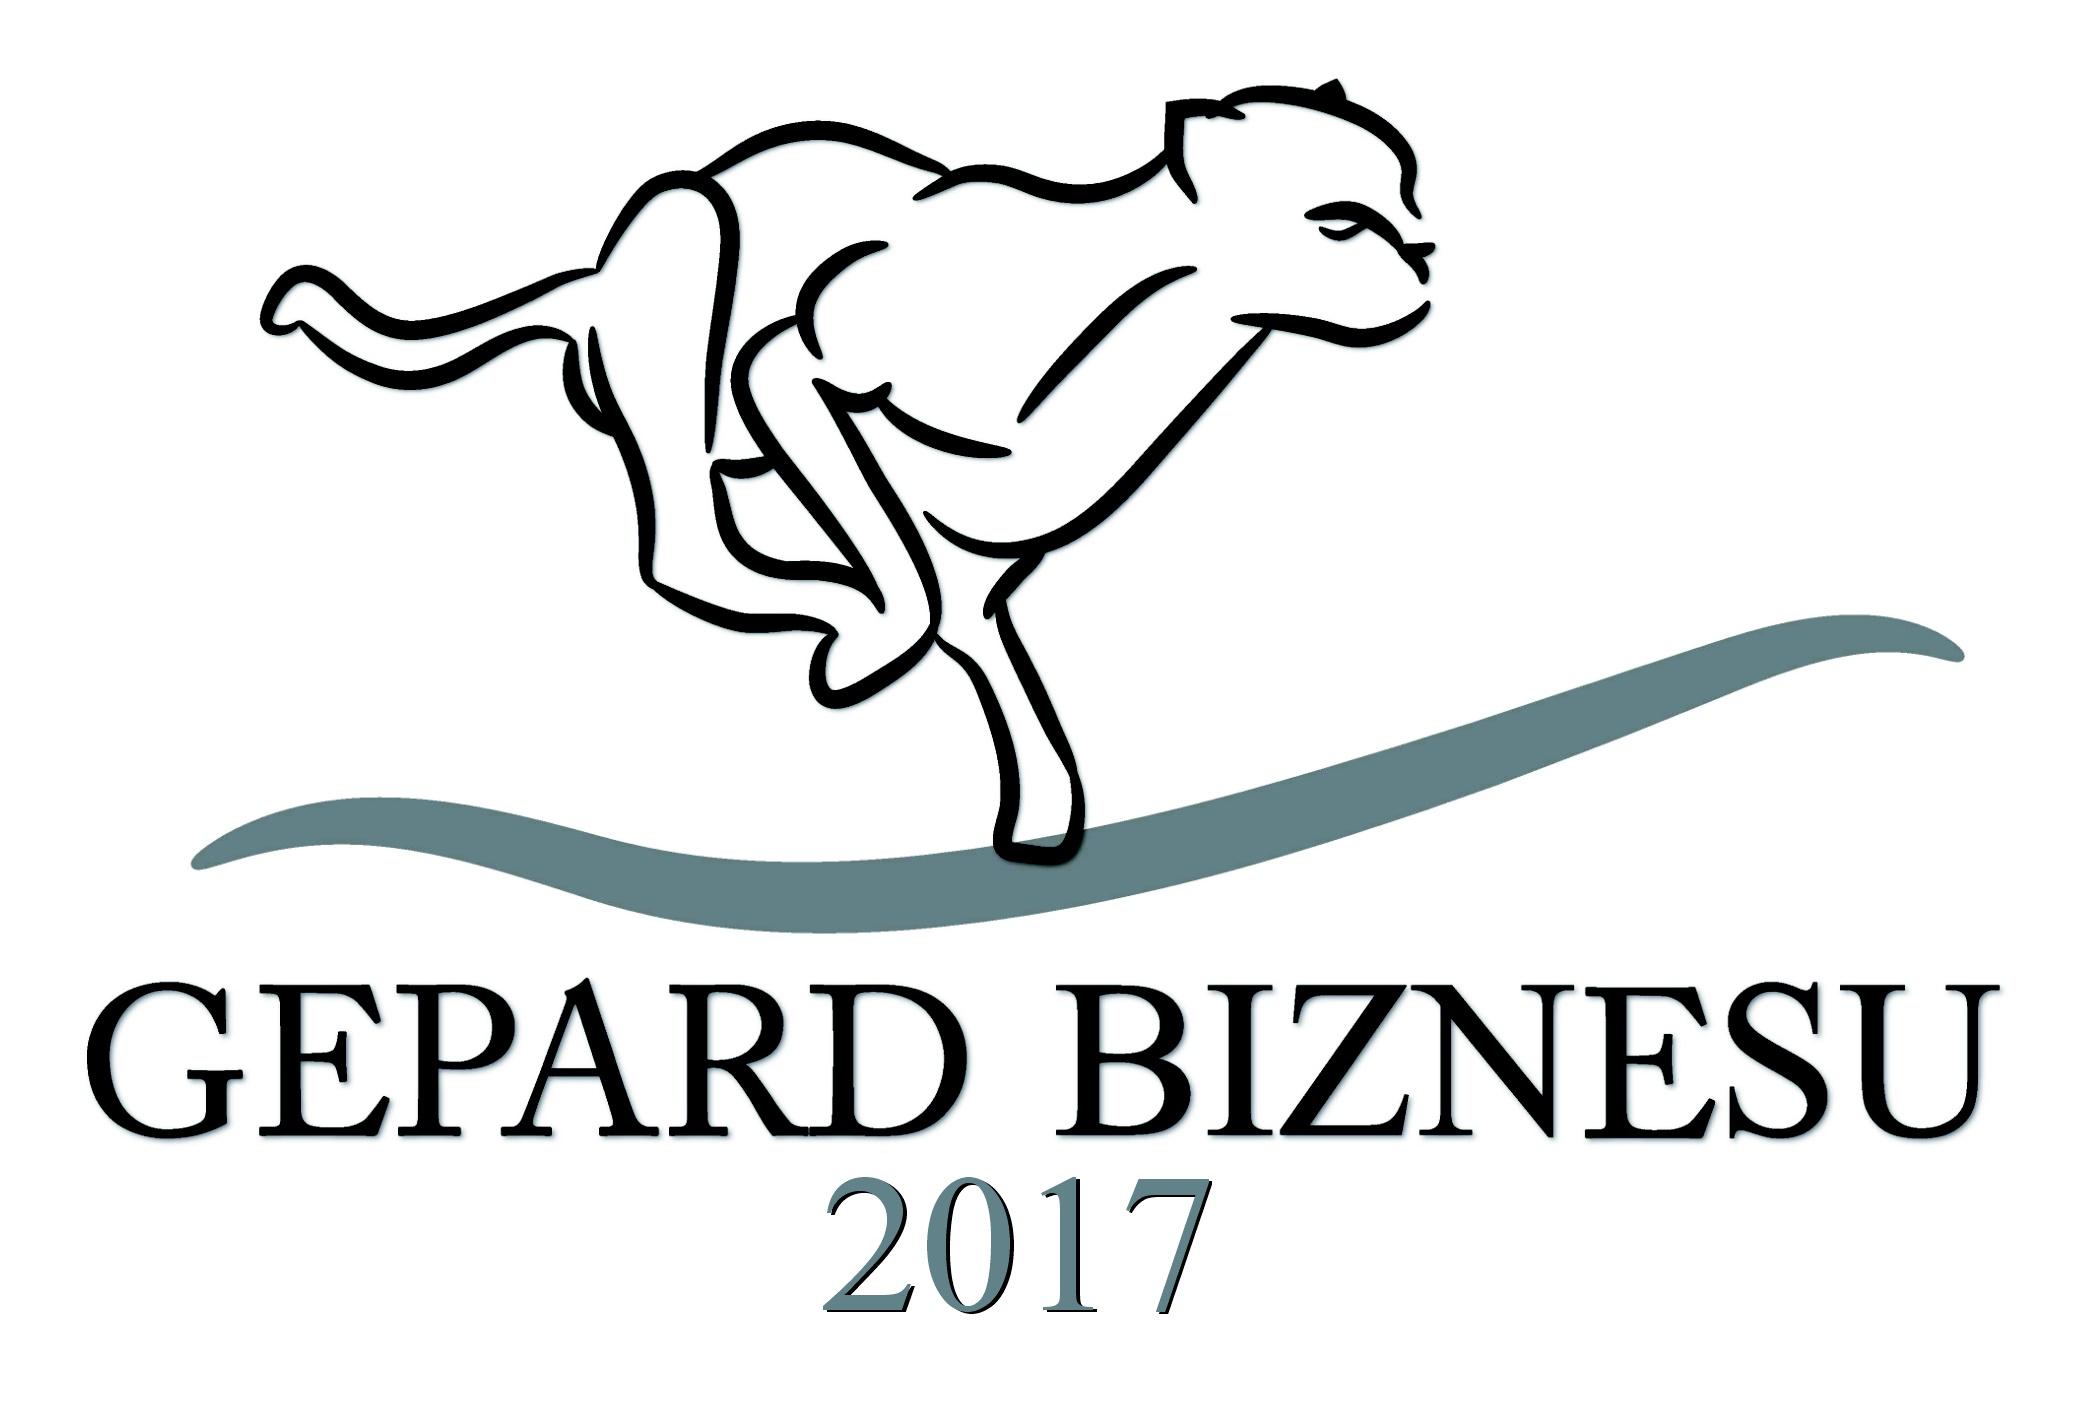 Gepardy Biznesu 2017 dla Euro -Light